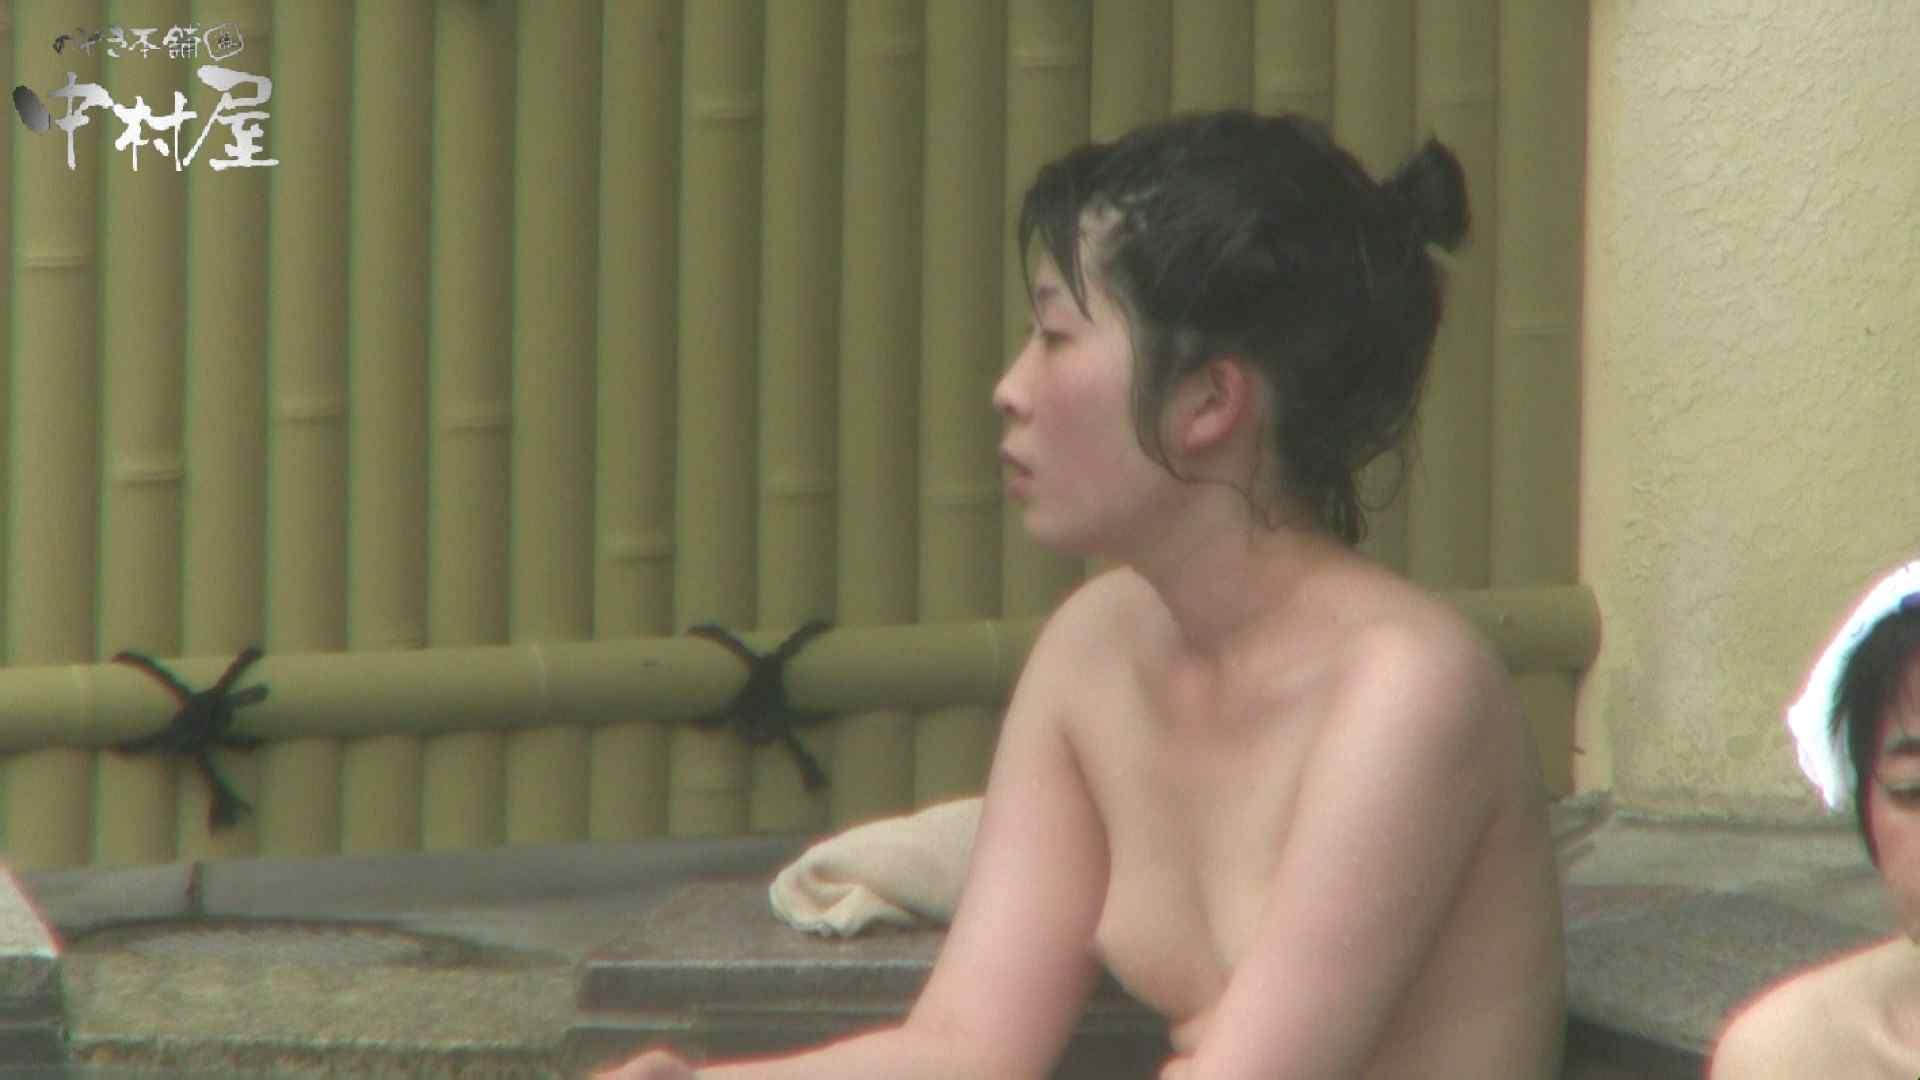 Aquaな露天風呂Vol.955 美しいOLの裸体 エロ無料画像 85pic 74